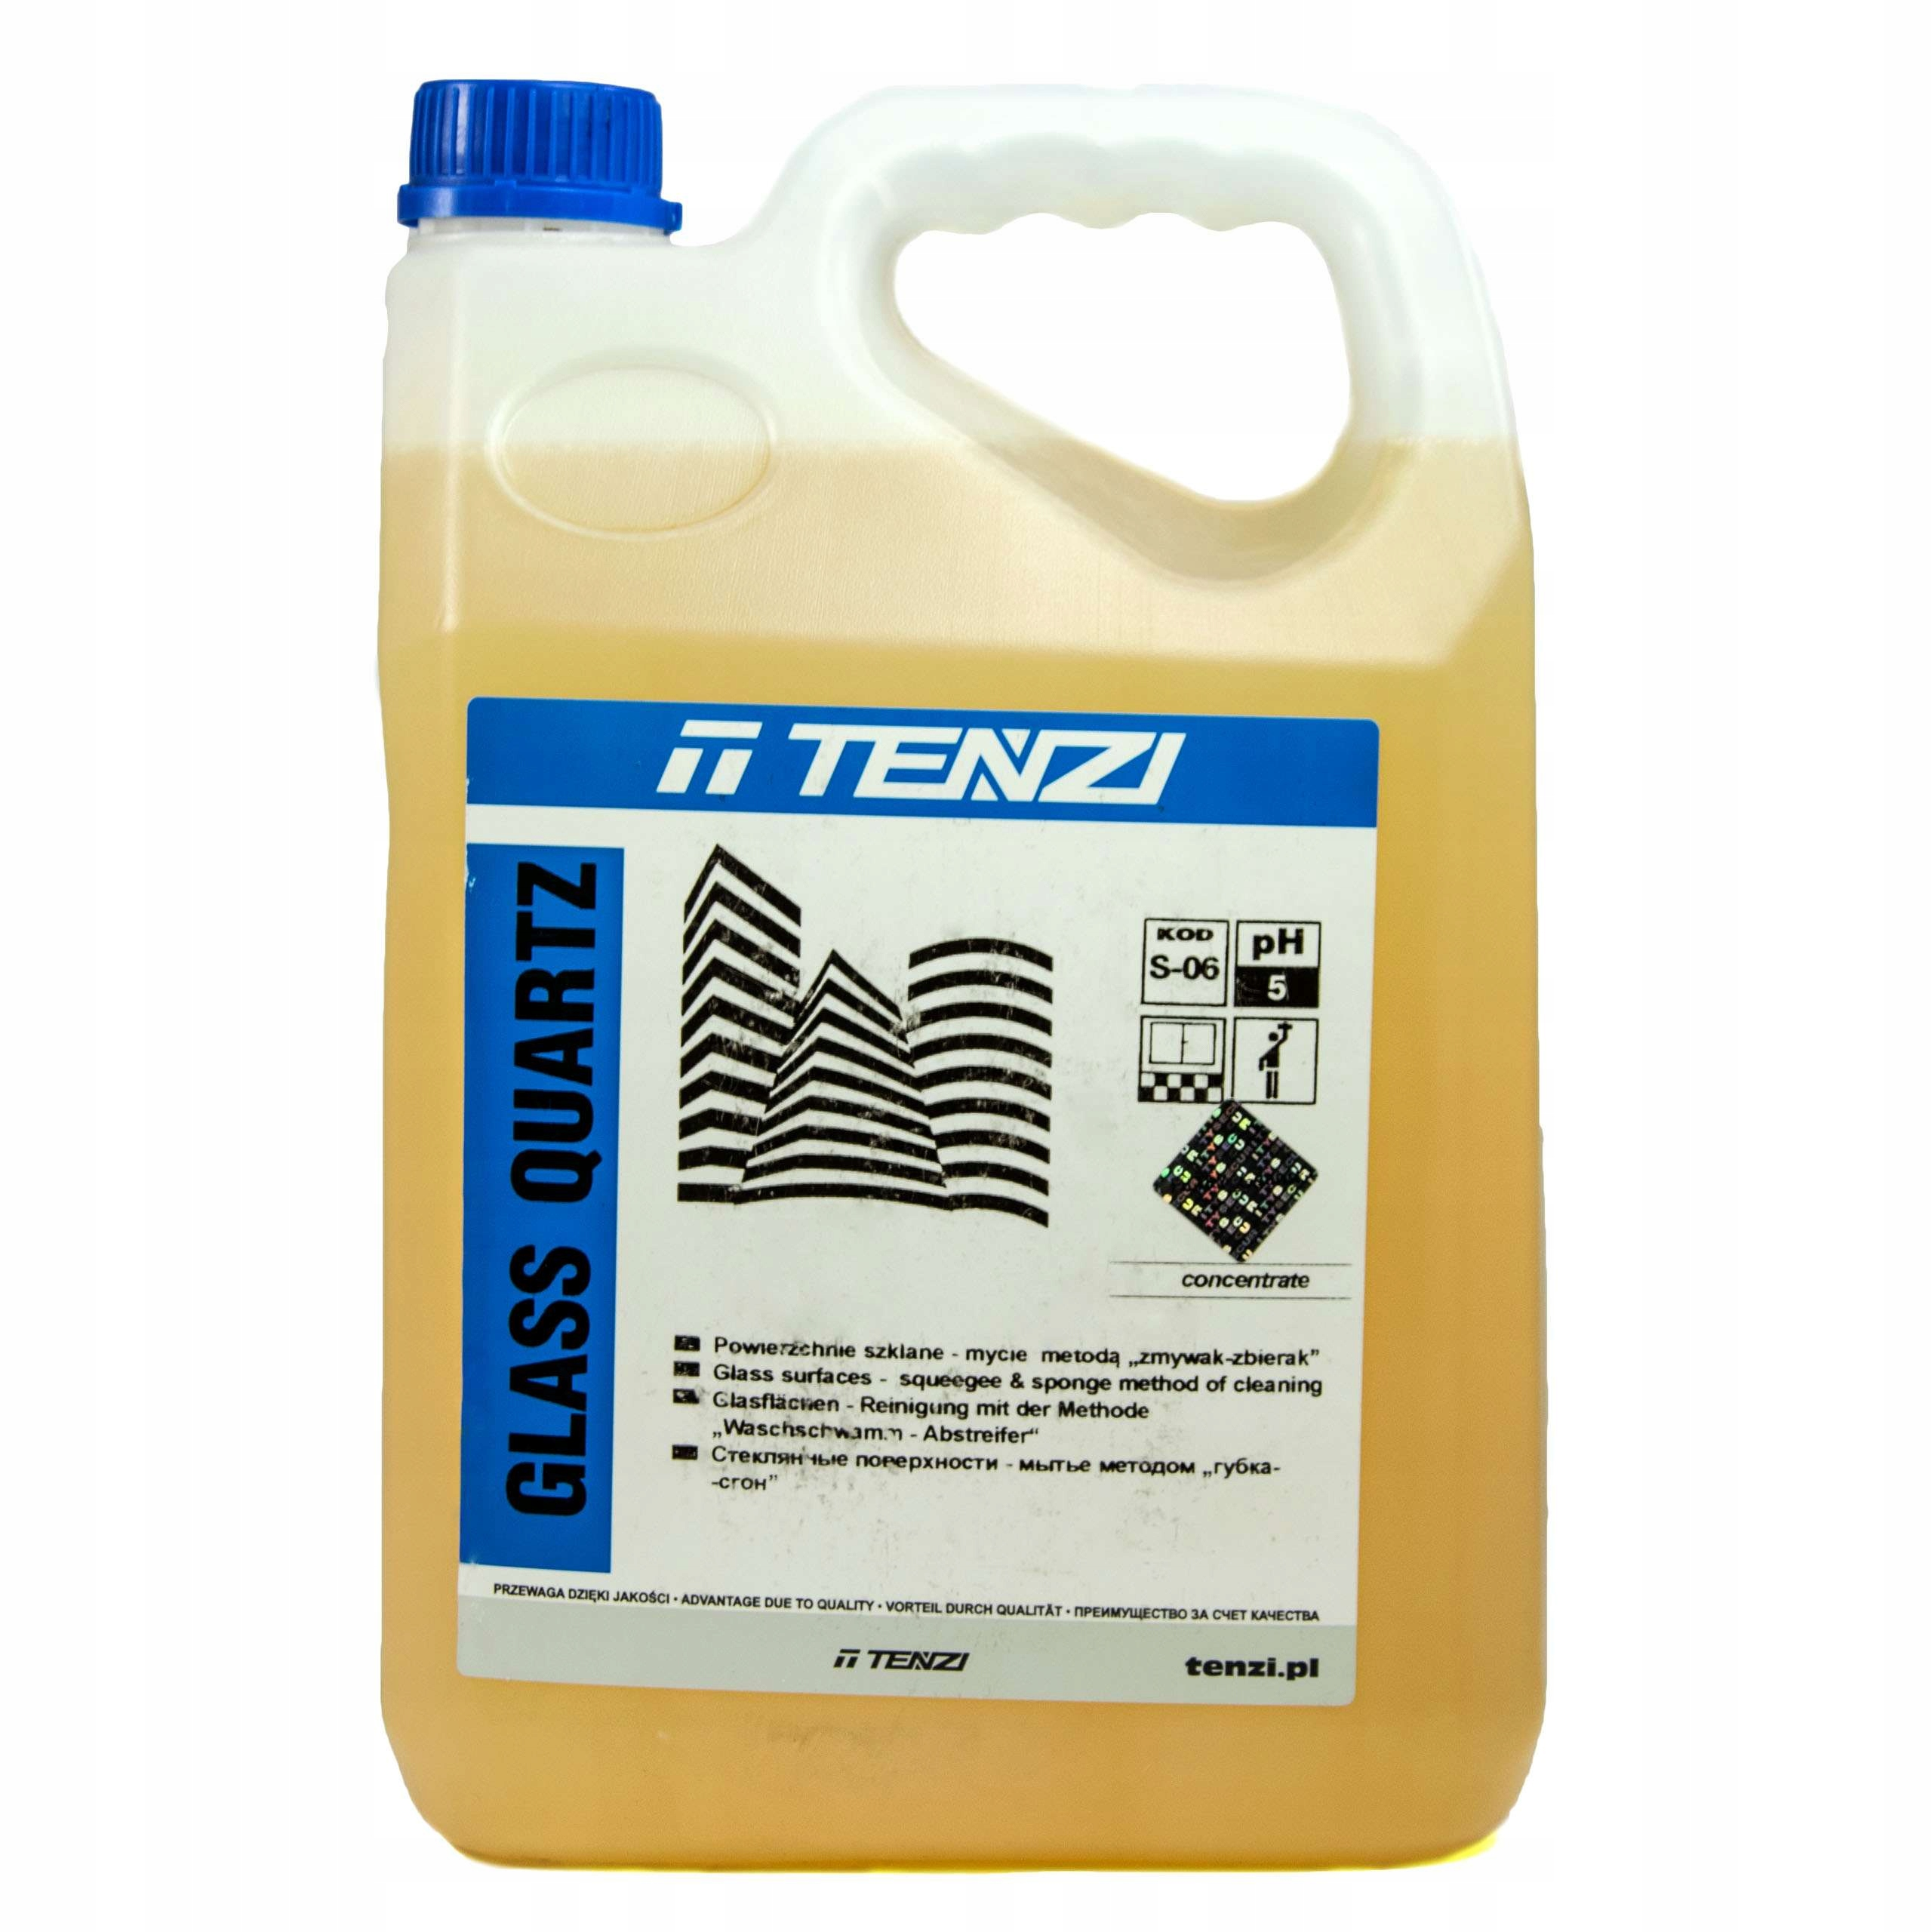 Tenzi Glass Кварцевое стекло для очистки с кварцевым покрытием 5л